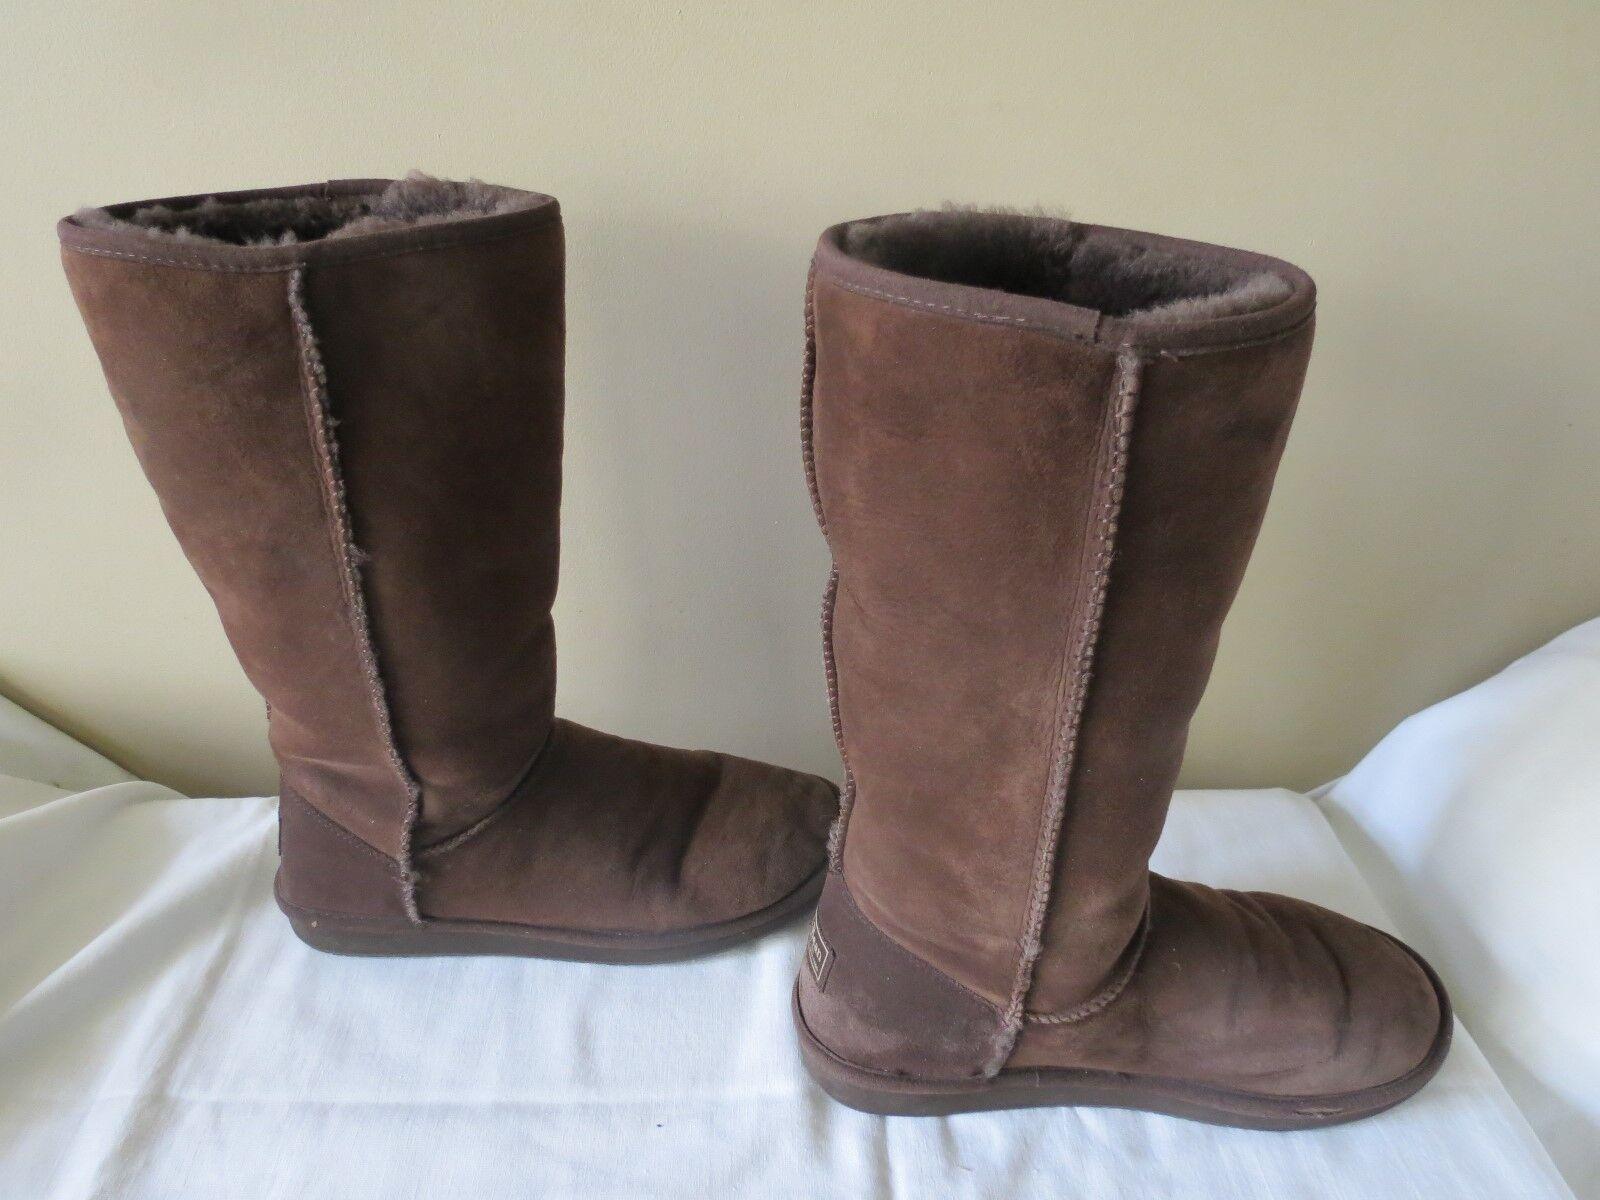 LL Bean Damenschuhe Tall Braun Chocolate Größe Sheepskin Suede Stiefel Größe Chocolate 10 EUC 2b3987